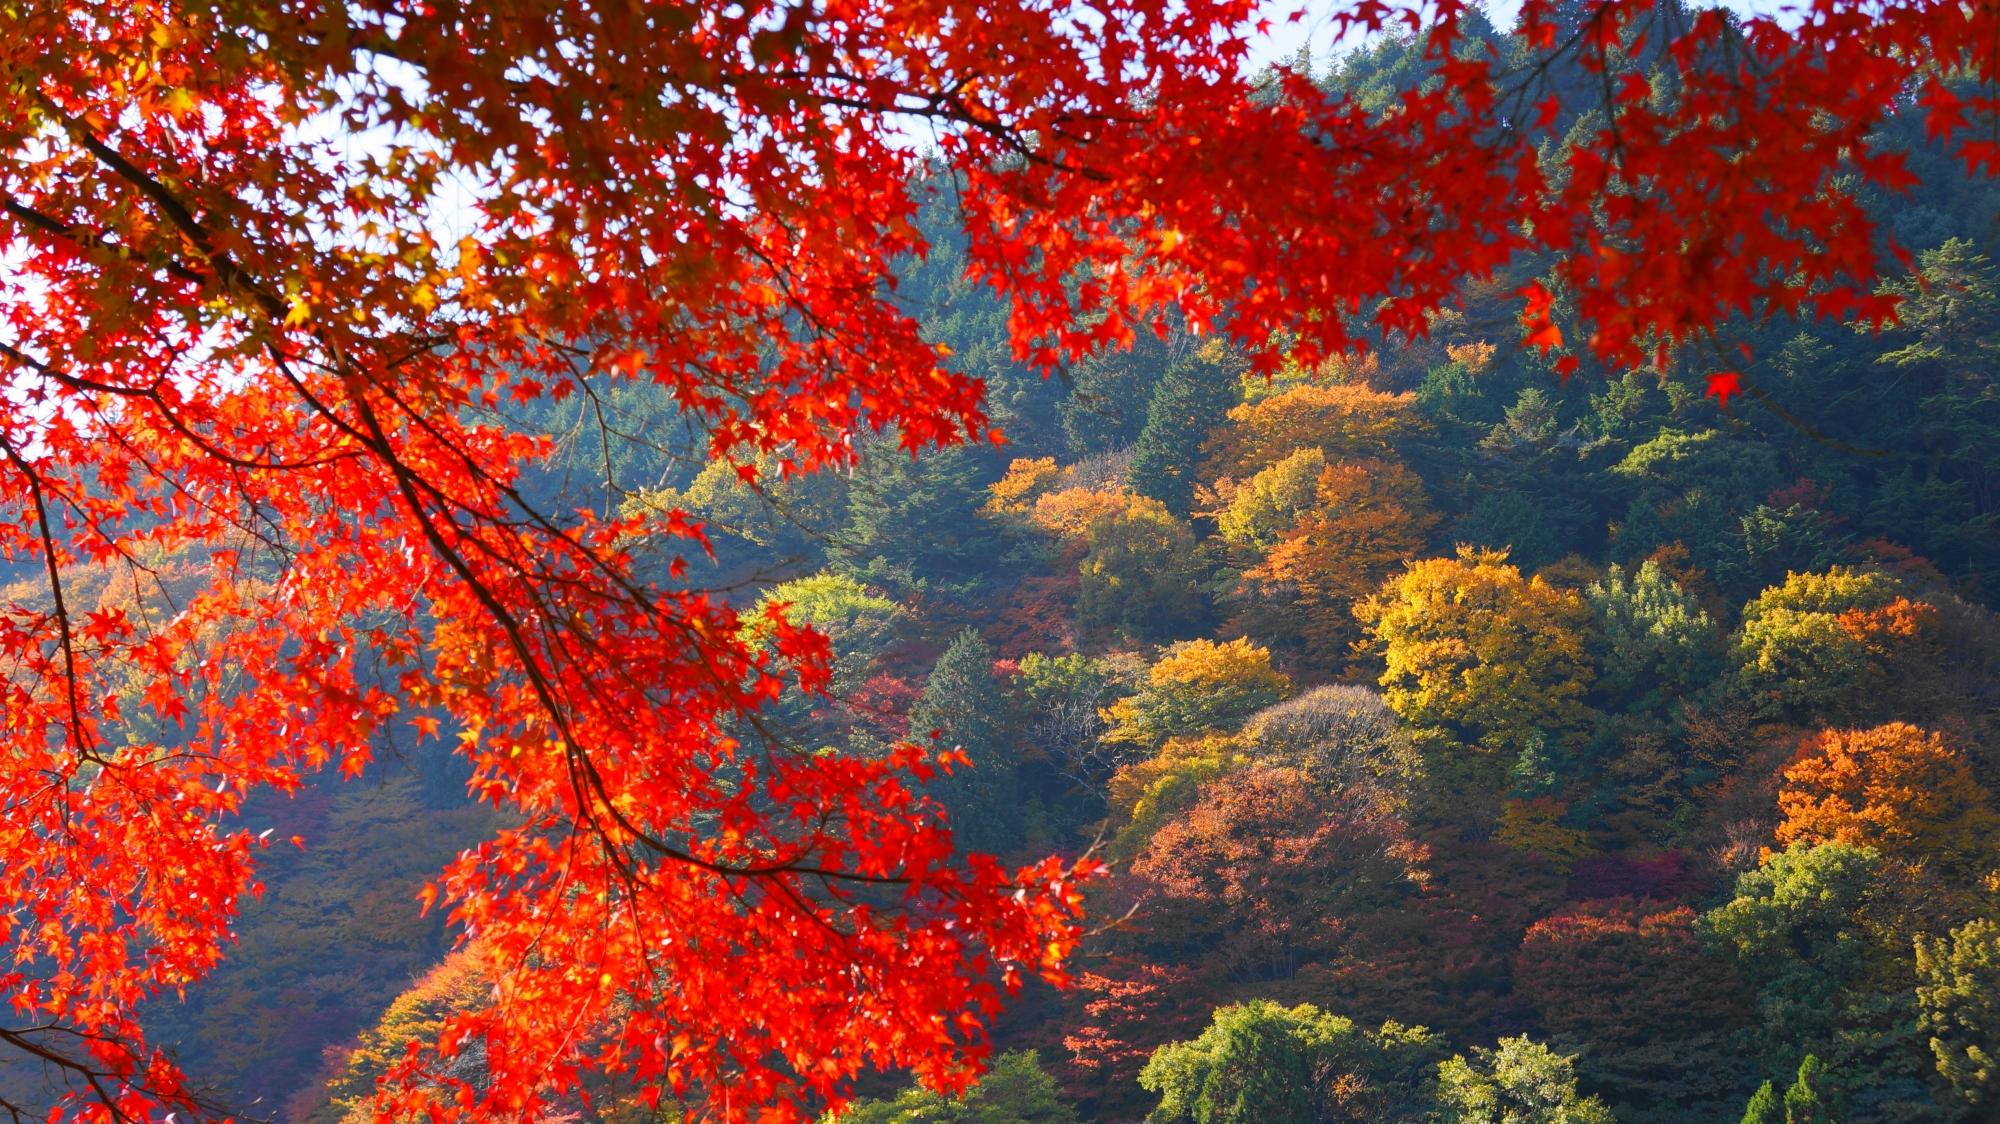 善峯寺の真っ赤な紅葉と色づく山